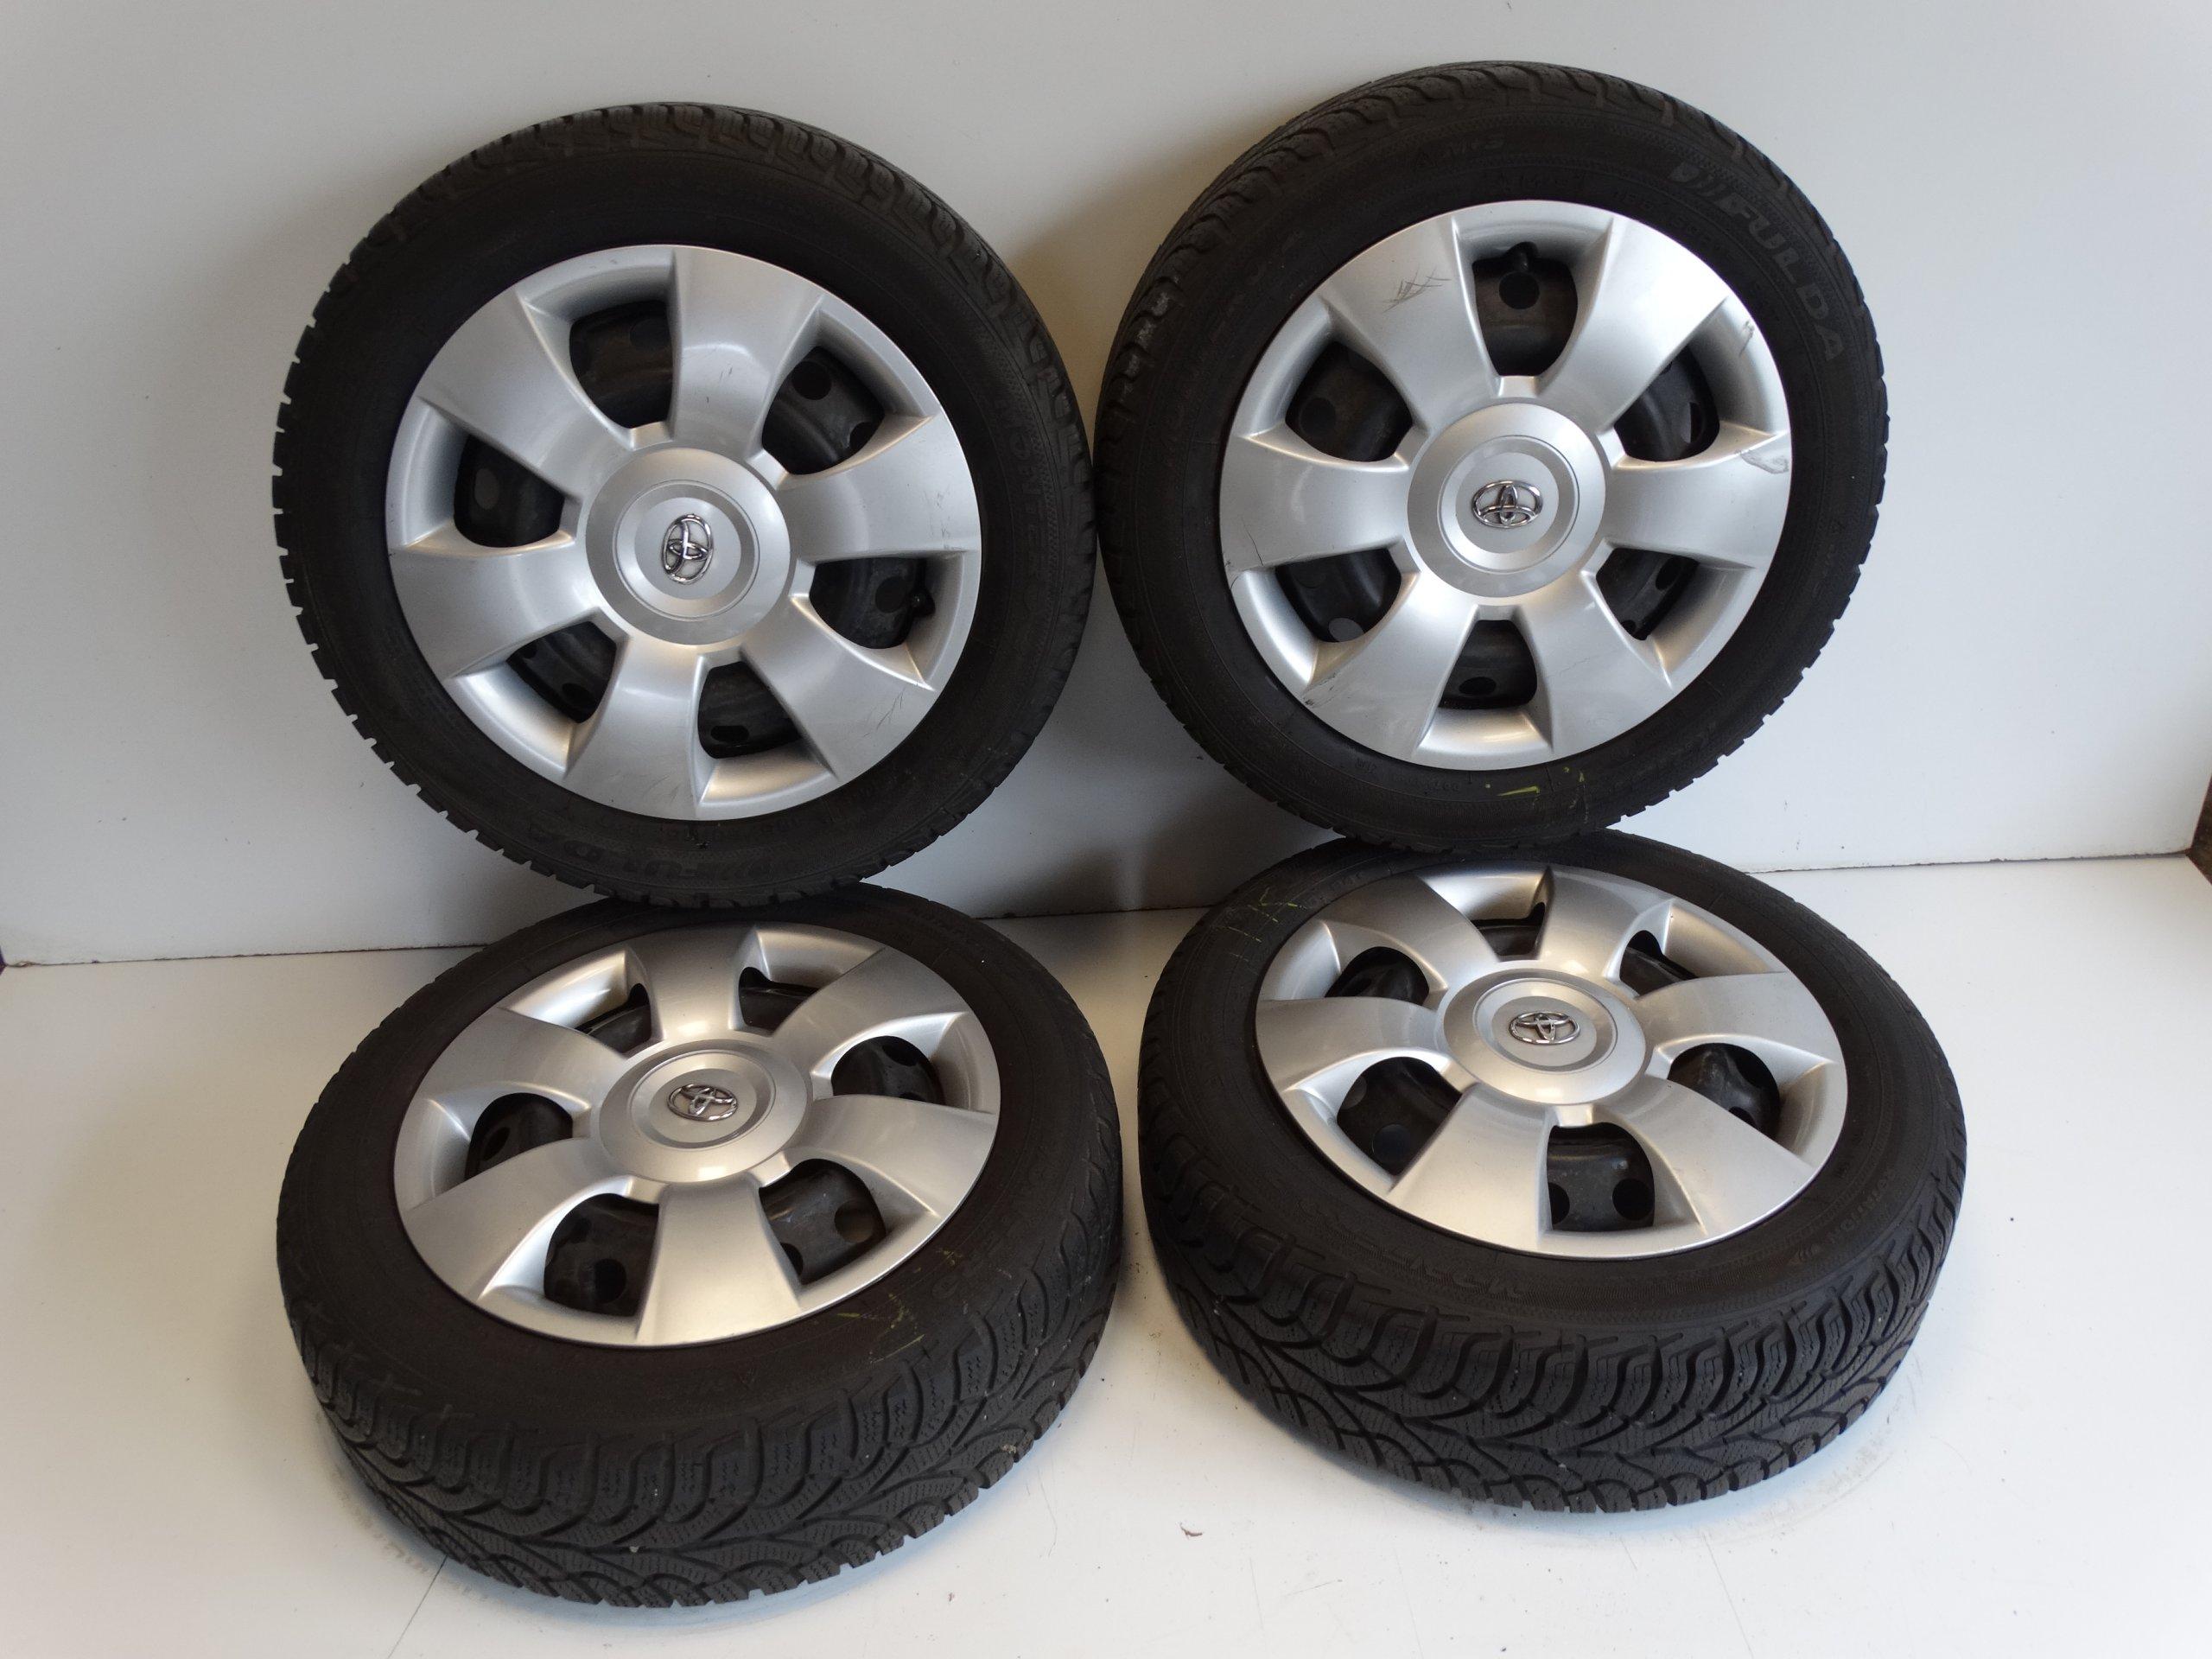 Toyota Yaris Koła Opony Zimowe 18560r15 63mm 6983064433